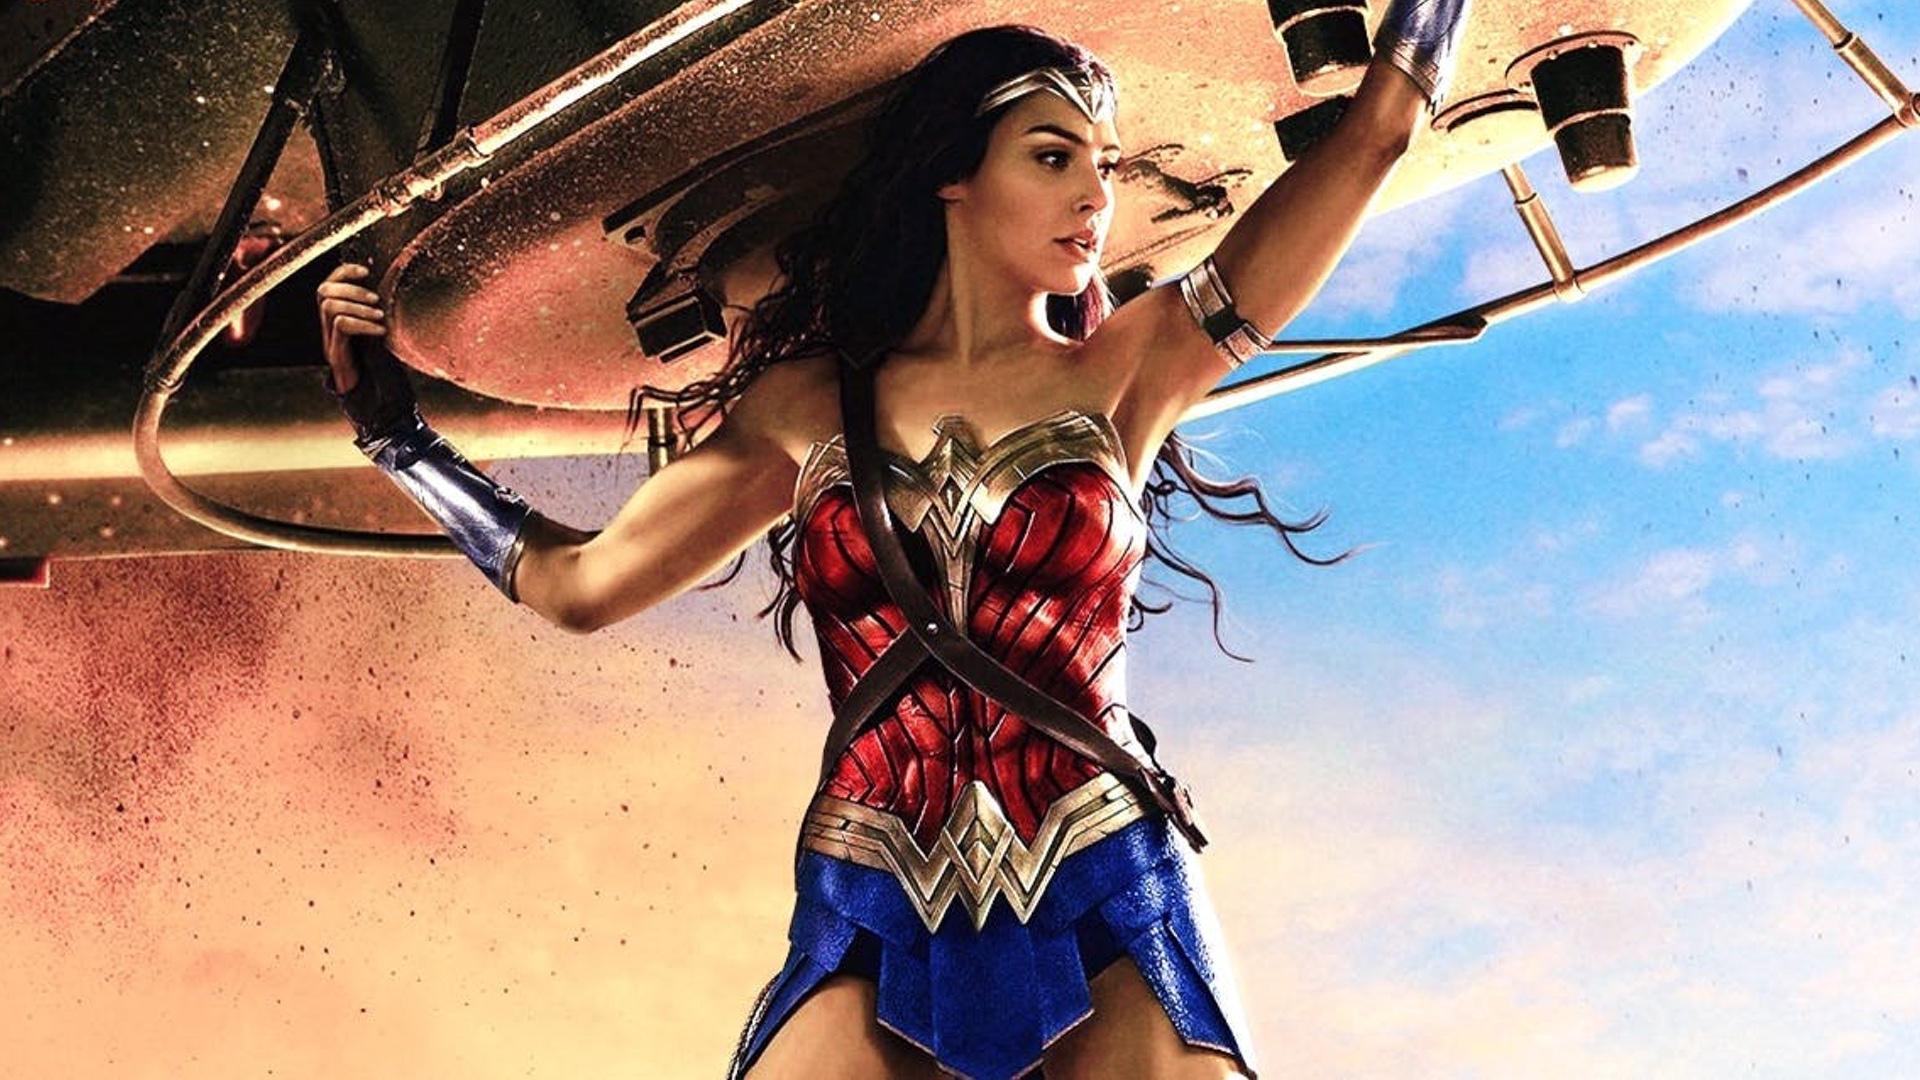 Wonder Woman 1984 Wallpaper 4k 2020 Wonder Woman 1984 2020